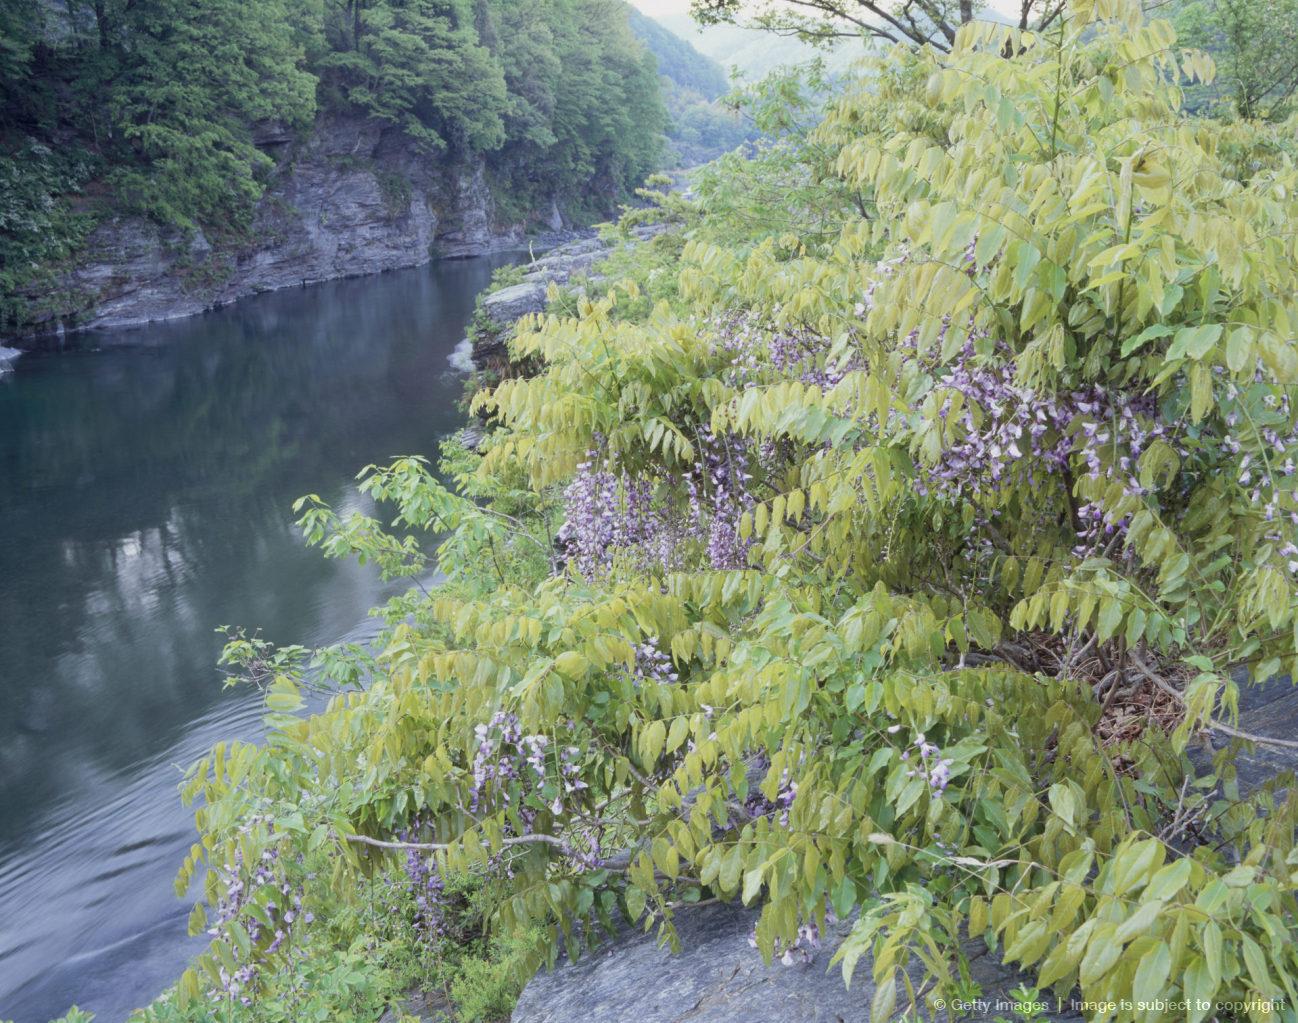 Wisteria and Arakawa River, Nagatoro, Saitama, Japan